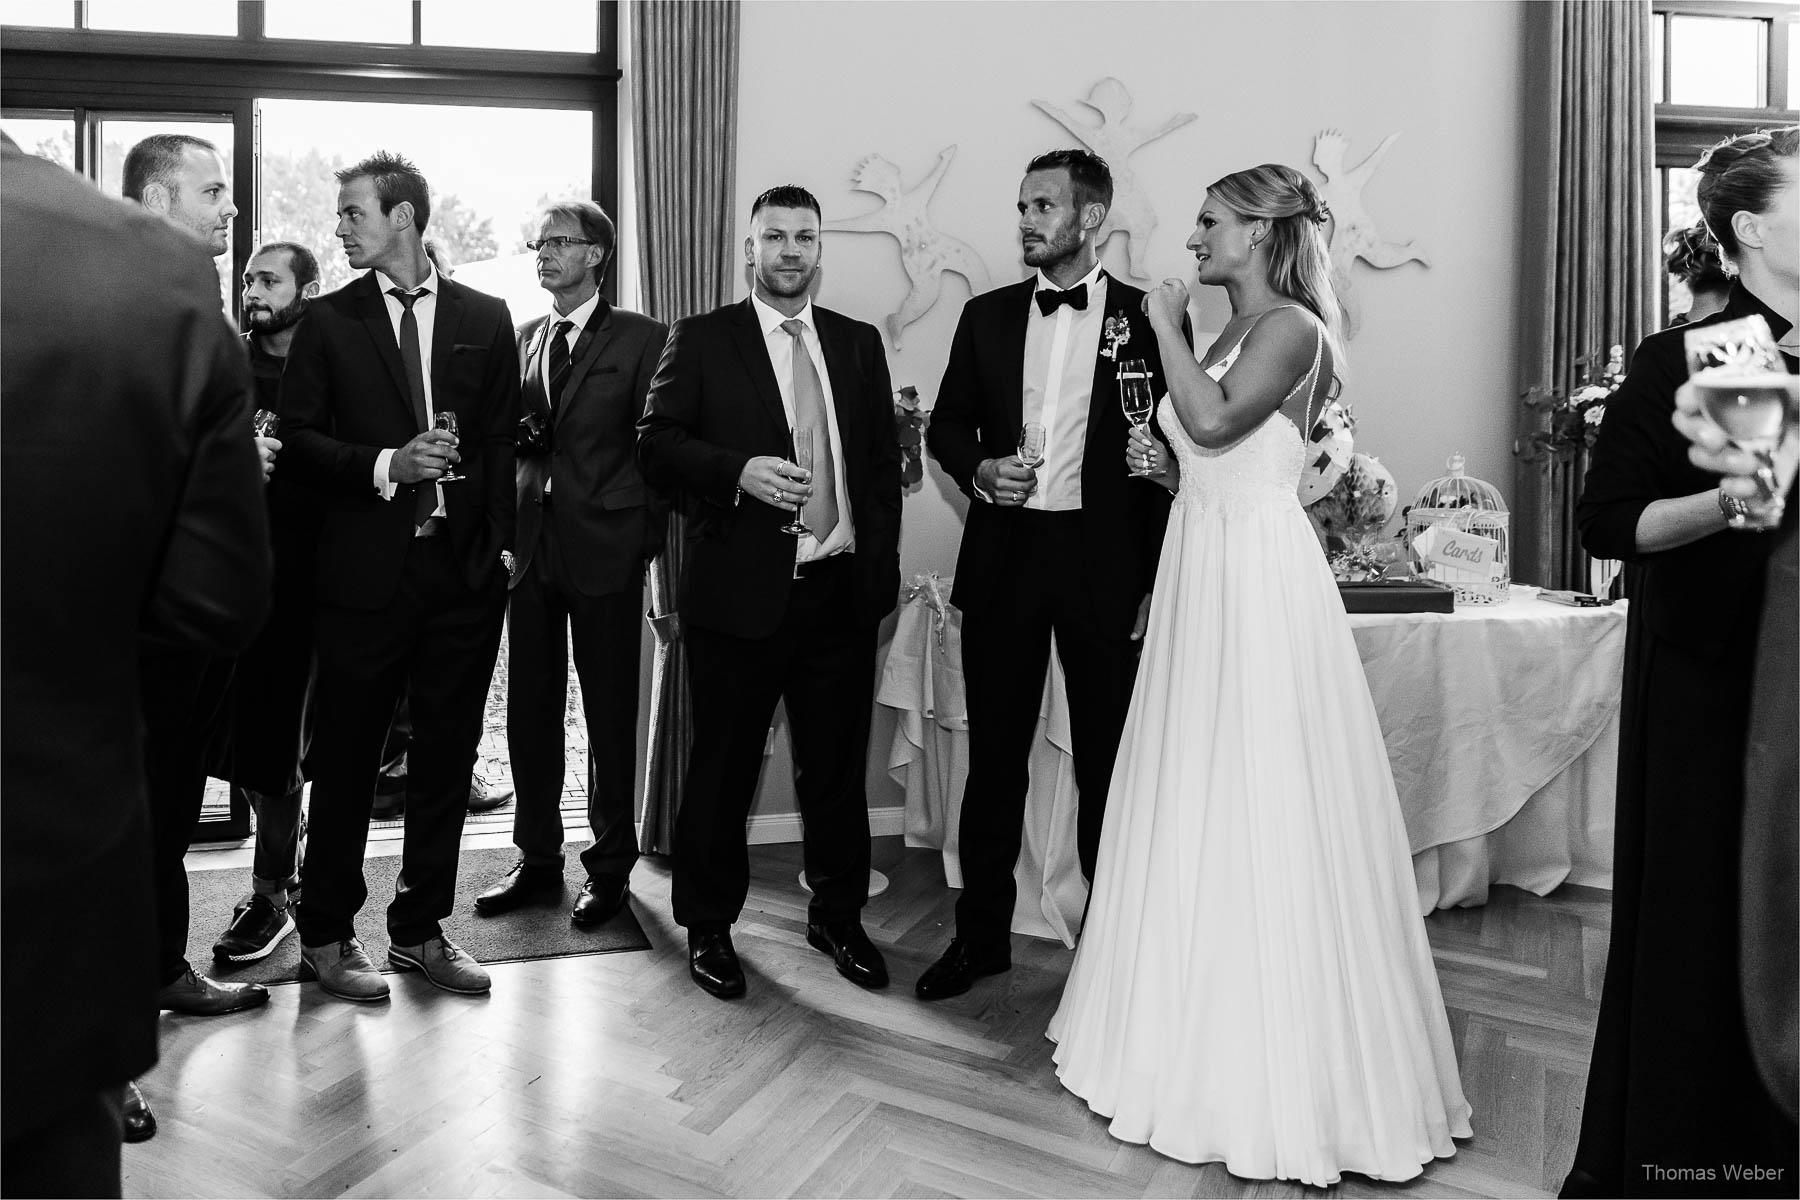 Freie Trauung und Hochzeitsfeier im Patentkrug Oldenburg, Hochzeitsfotograf Thomas Weber